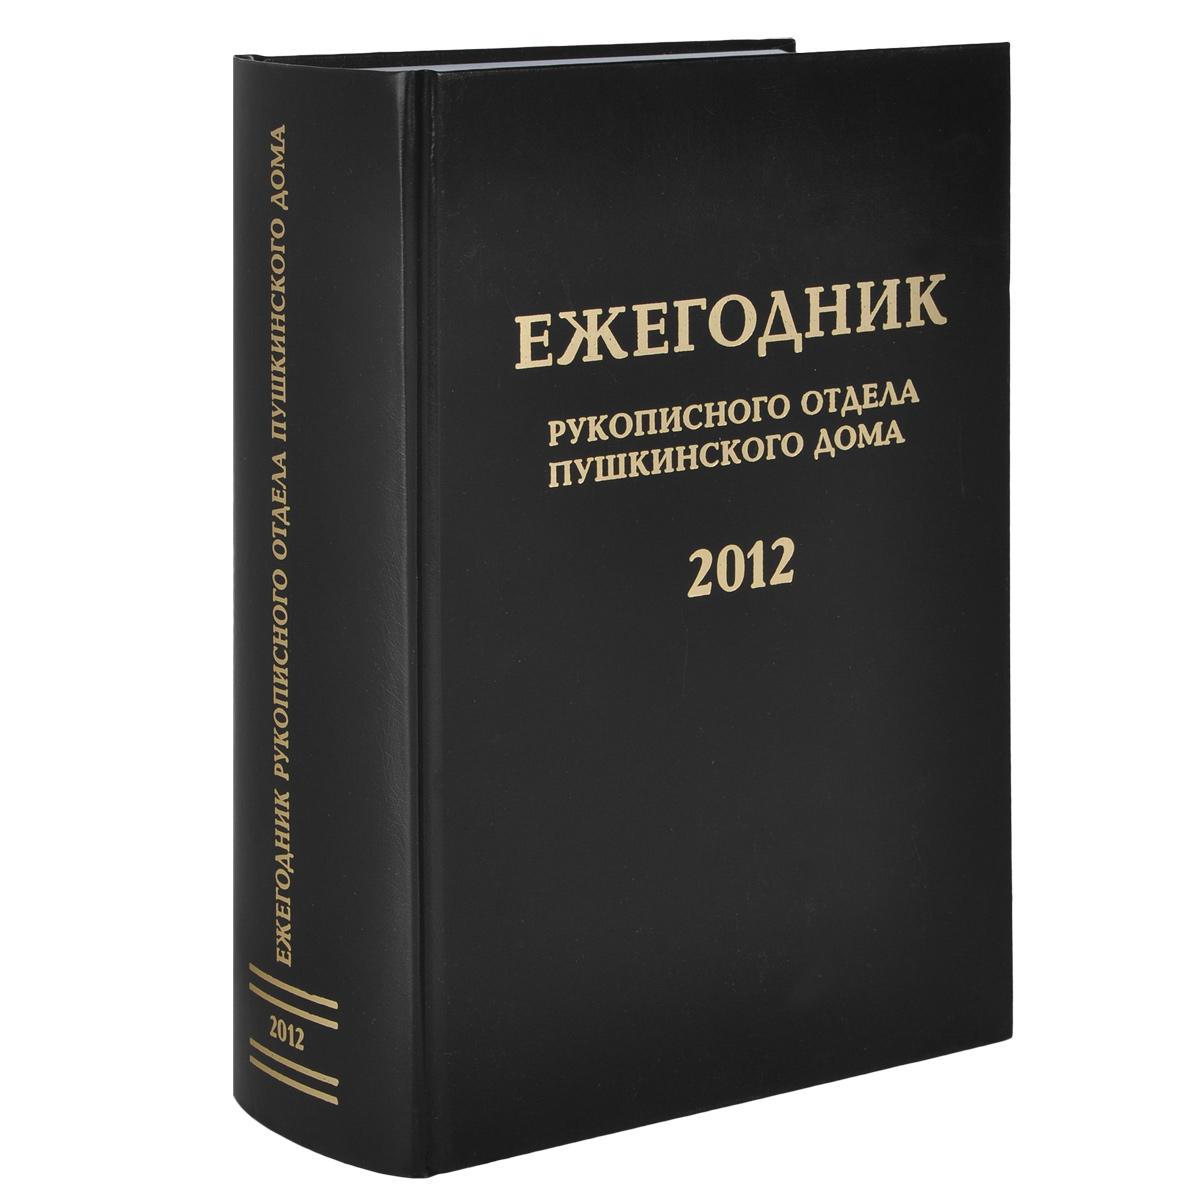 Ежегодник Рукописного отдела Пушкинского Дома на 2012 год археографический ежегодник 2012